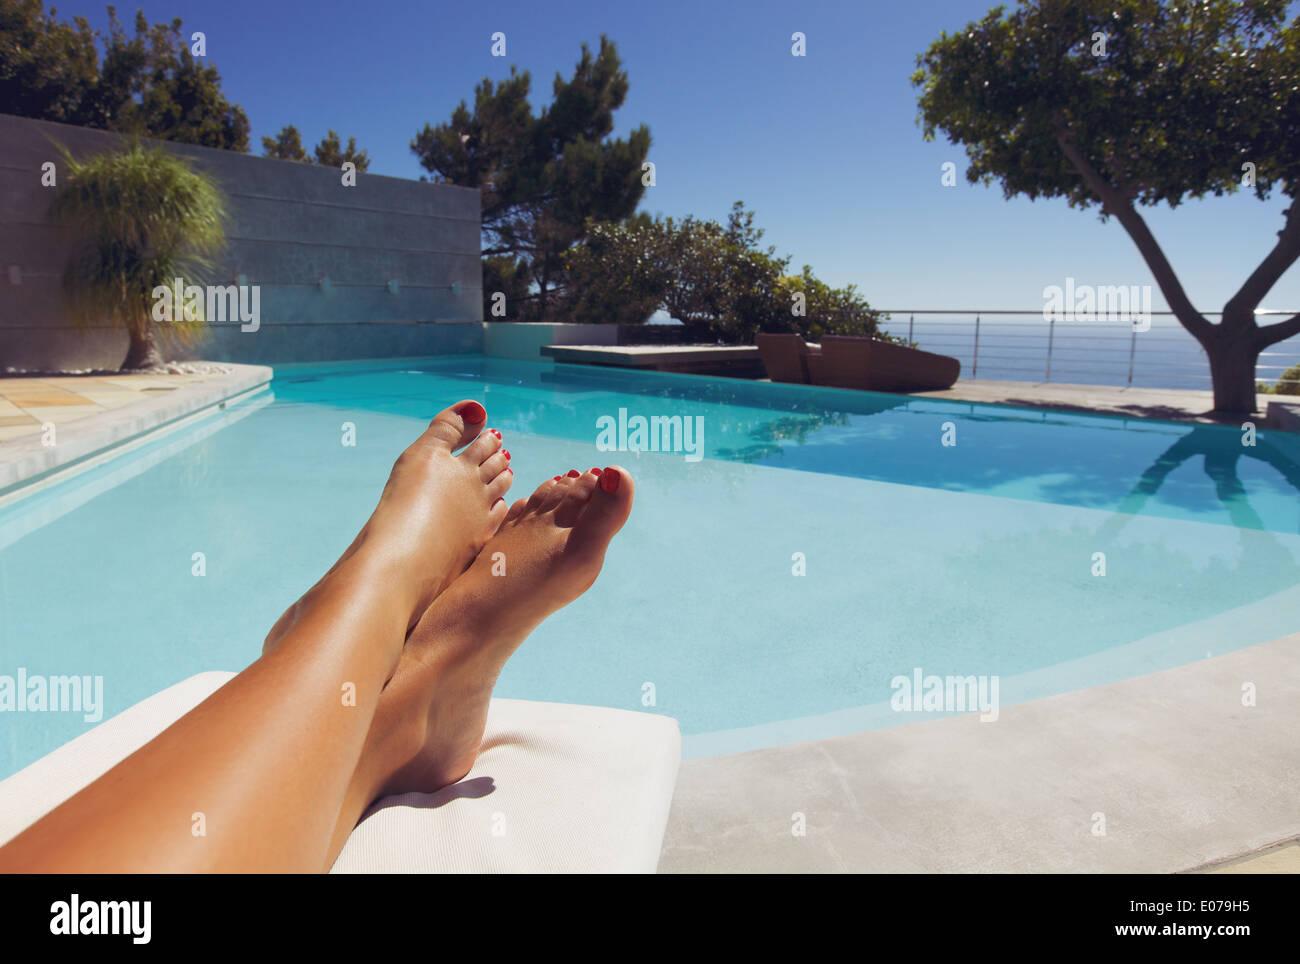 I piedi nudi di giovane donna giacente sulla sedia a sdraio a prendere il sole in piscina. Immagini Stock